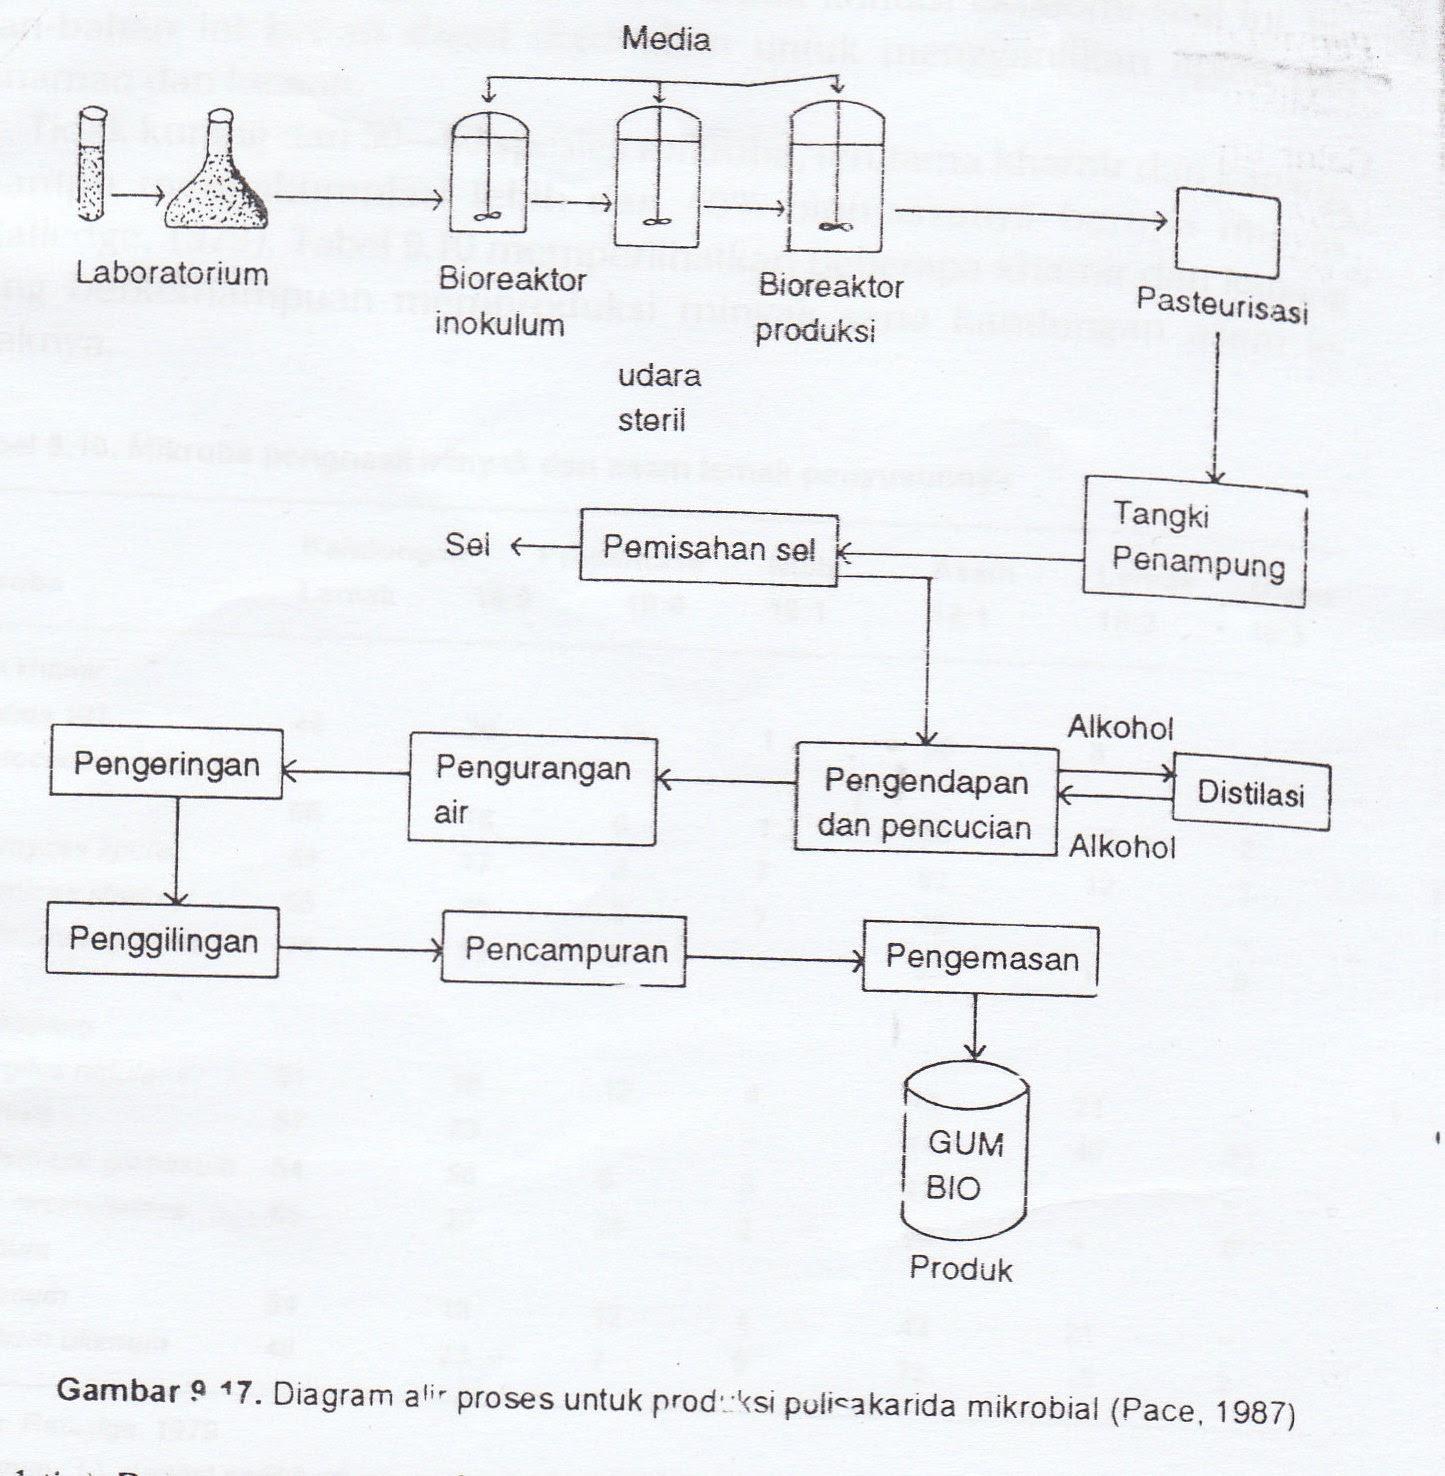 diagram for 5 gum toyota camry interior parts college note produk hasil fermentasi